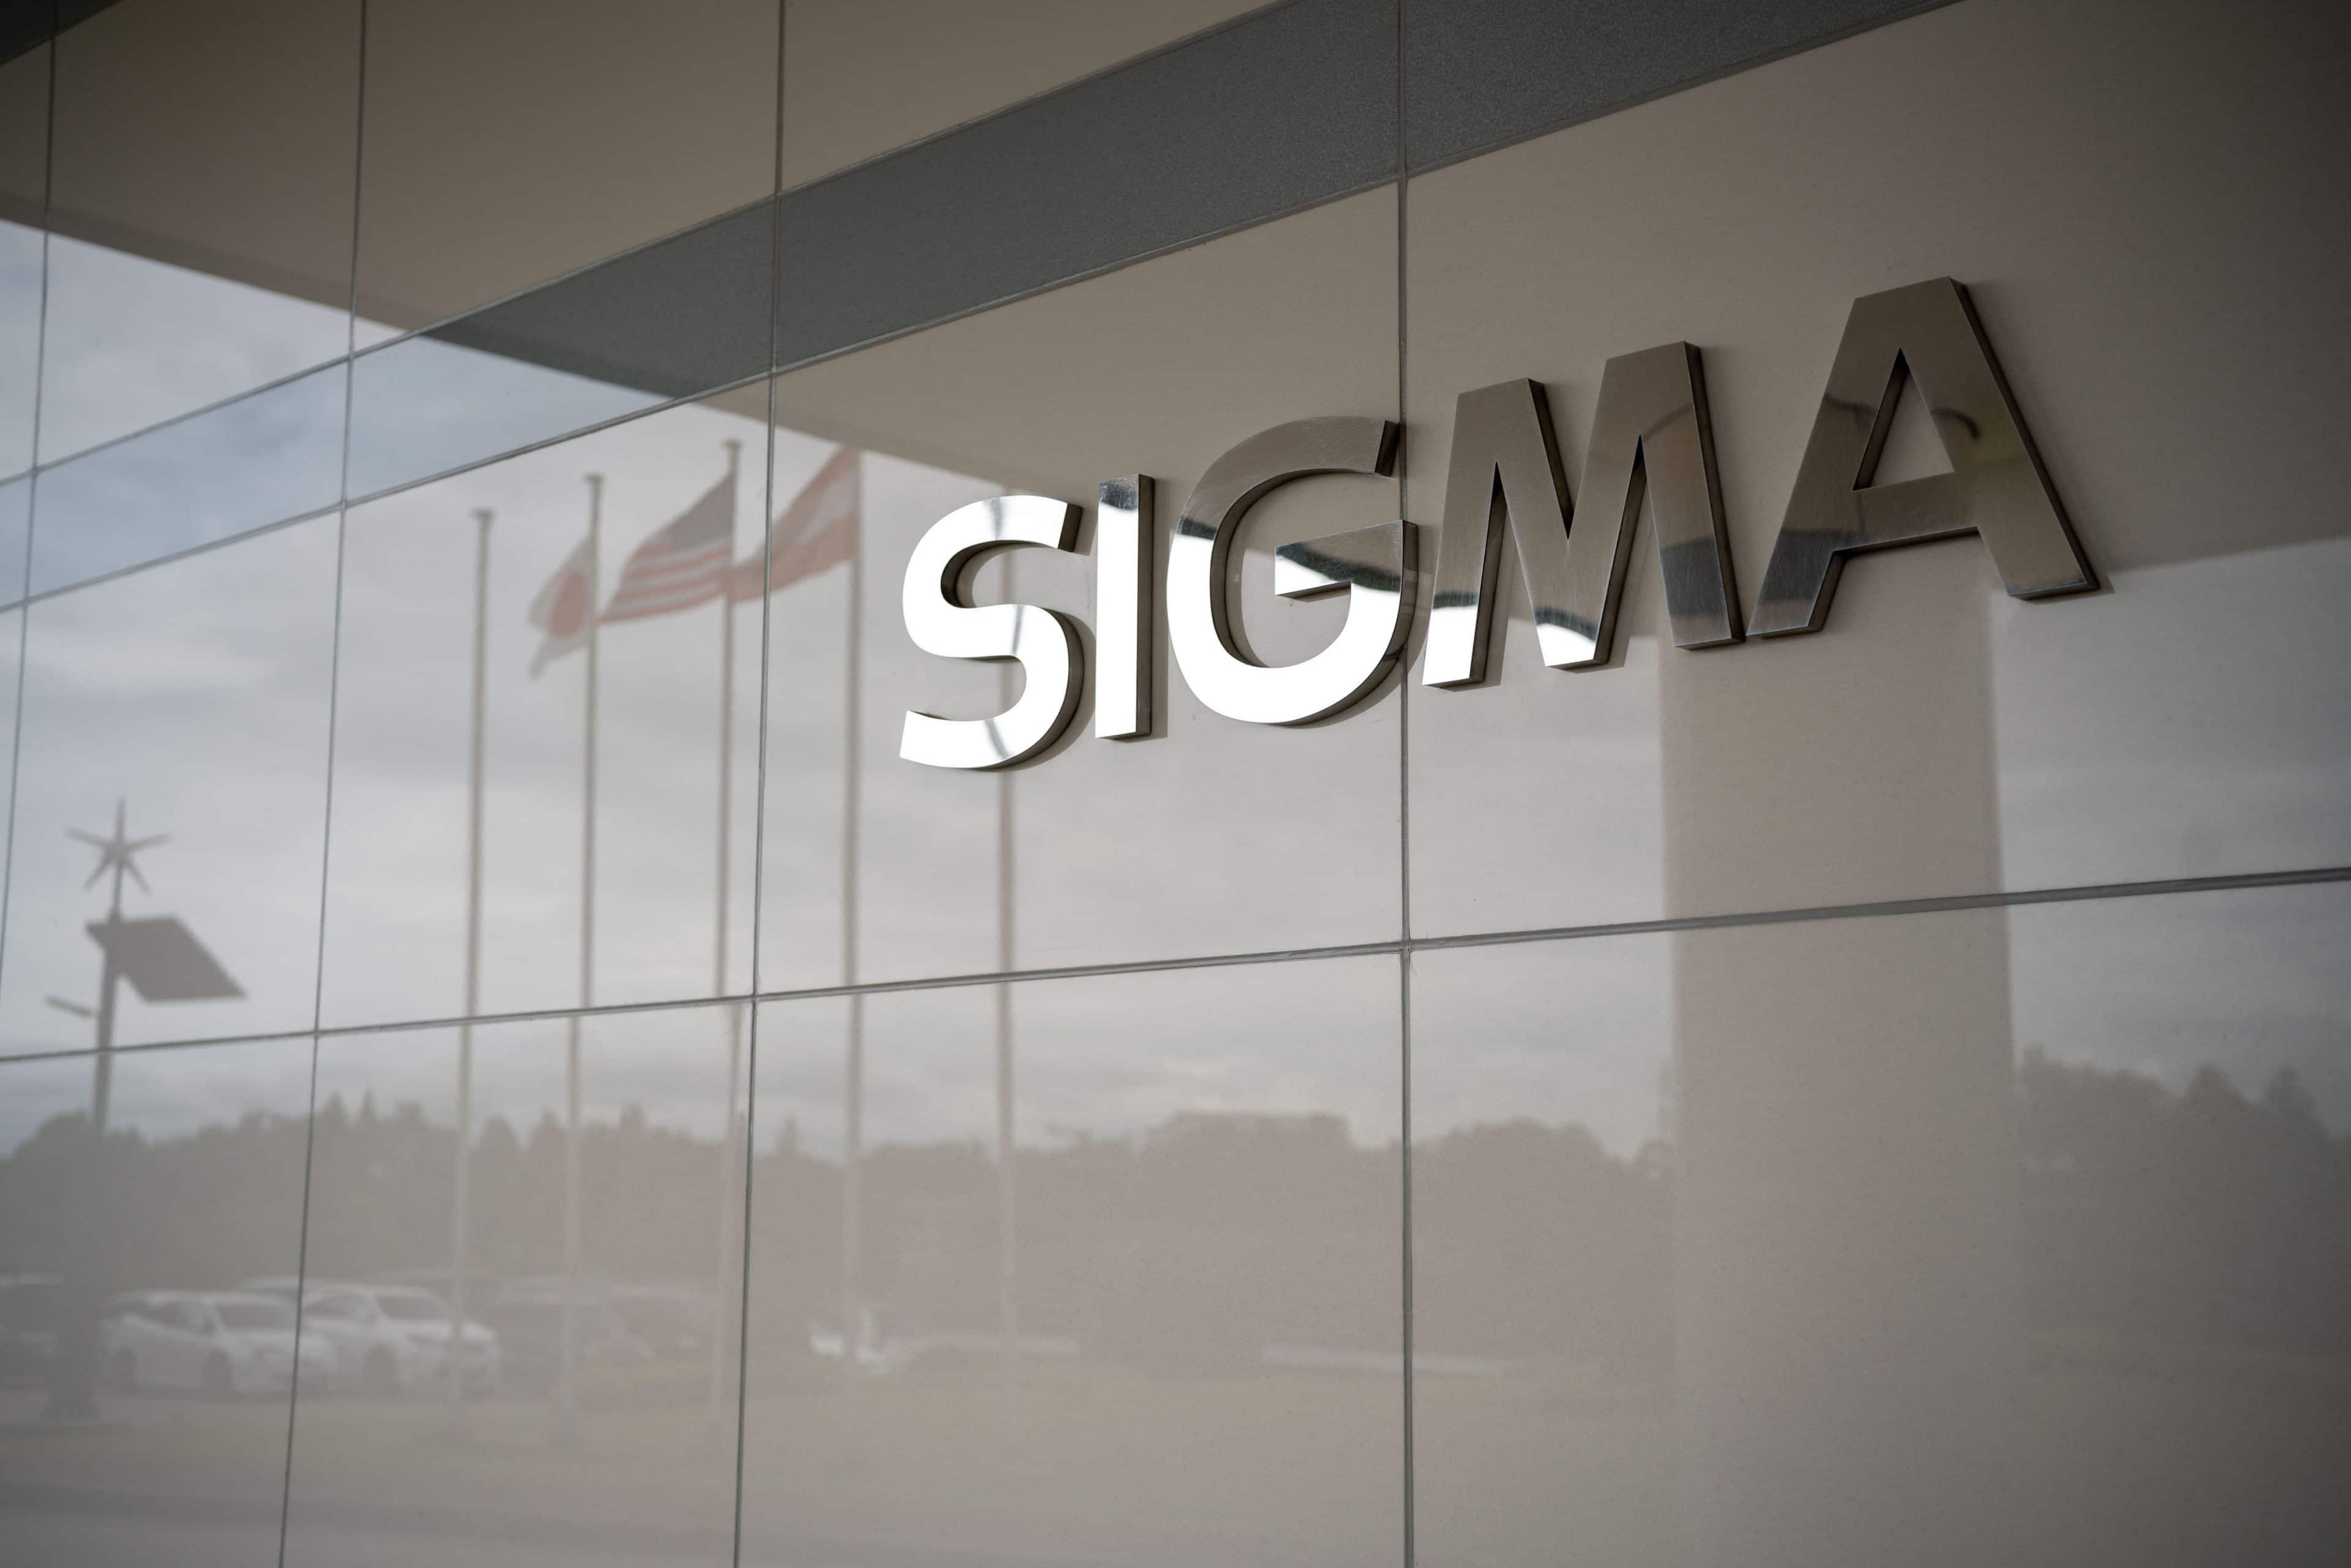 Sigma xác nhận một sự kiện vào 27/4 sắp tới vào lúc 18:00